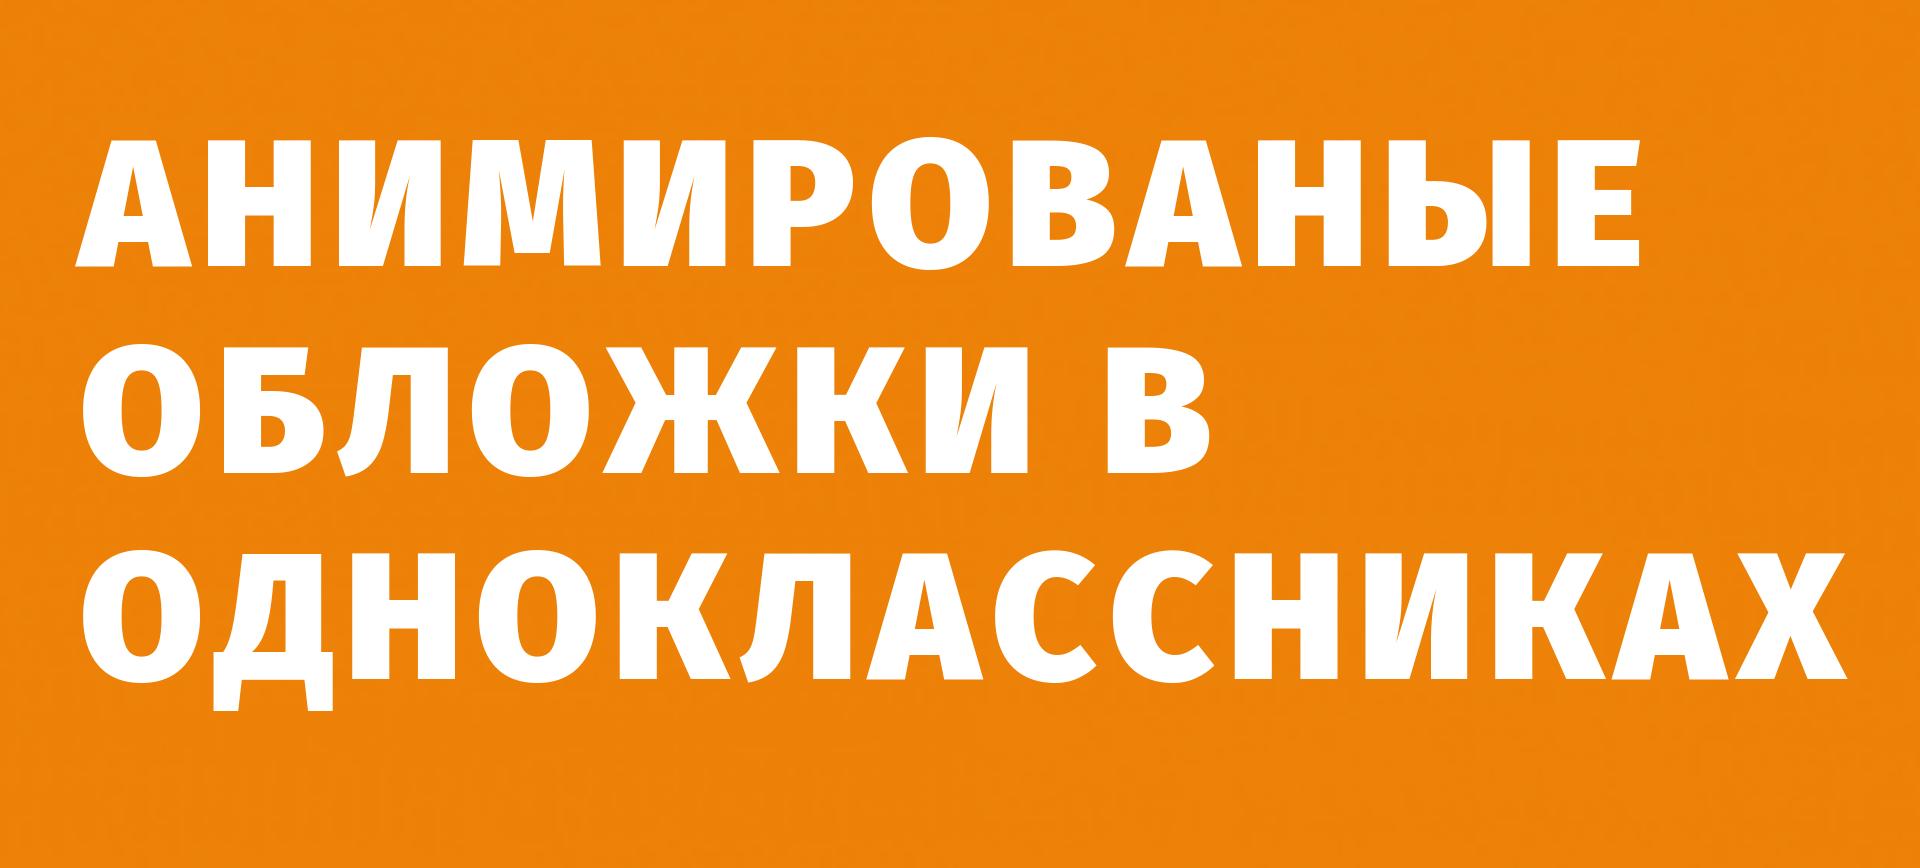 как установить анимированную обложку в Одноклассники